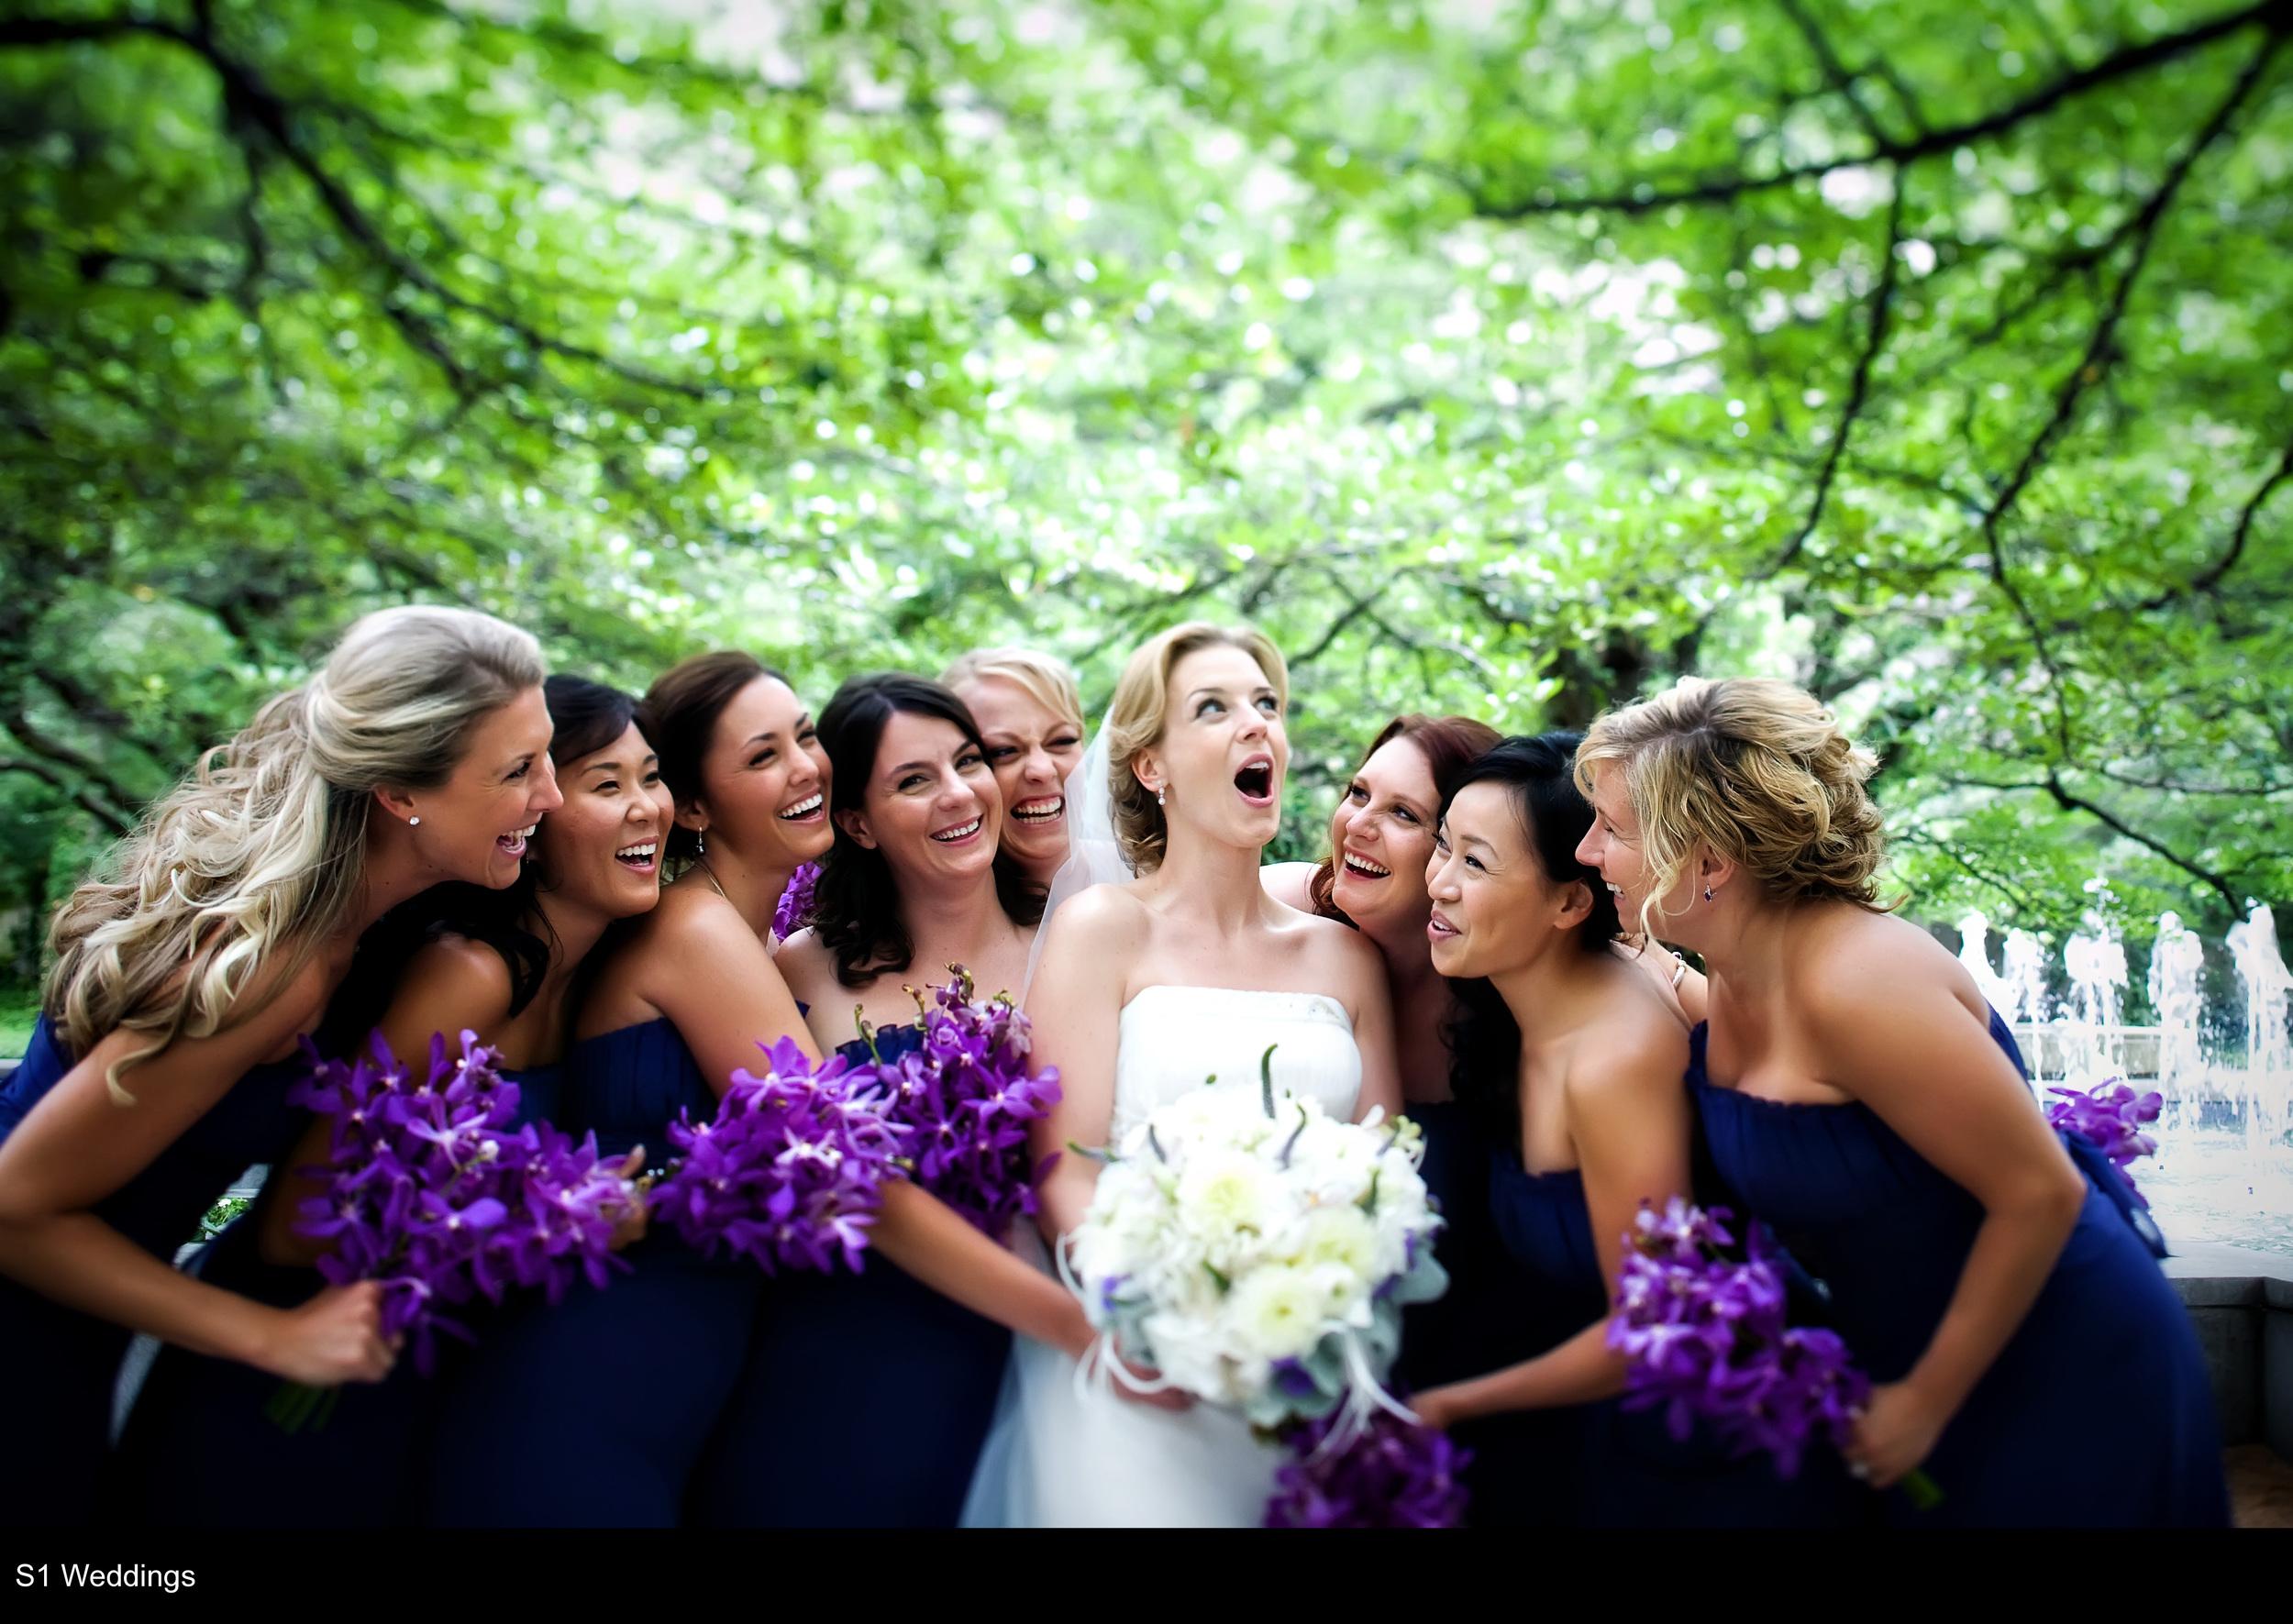 Markstrom_ODonnell_S1_Weddings_0478_elizabethmatt_w.jpg